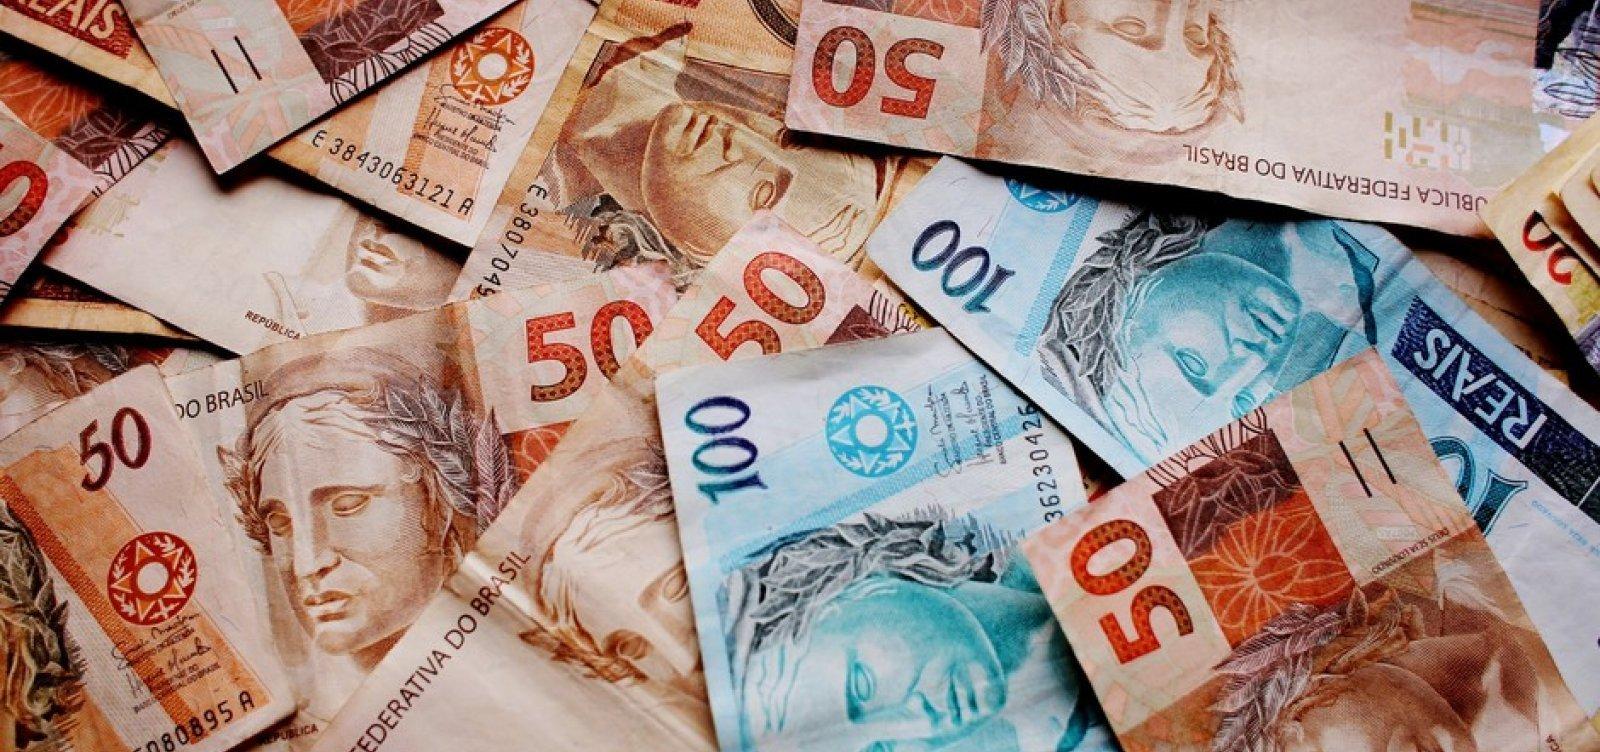 [Renda média no Brasil foi R$ 1.380 em 2020; confira os maiores rendimentos]